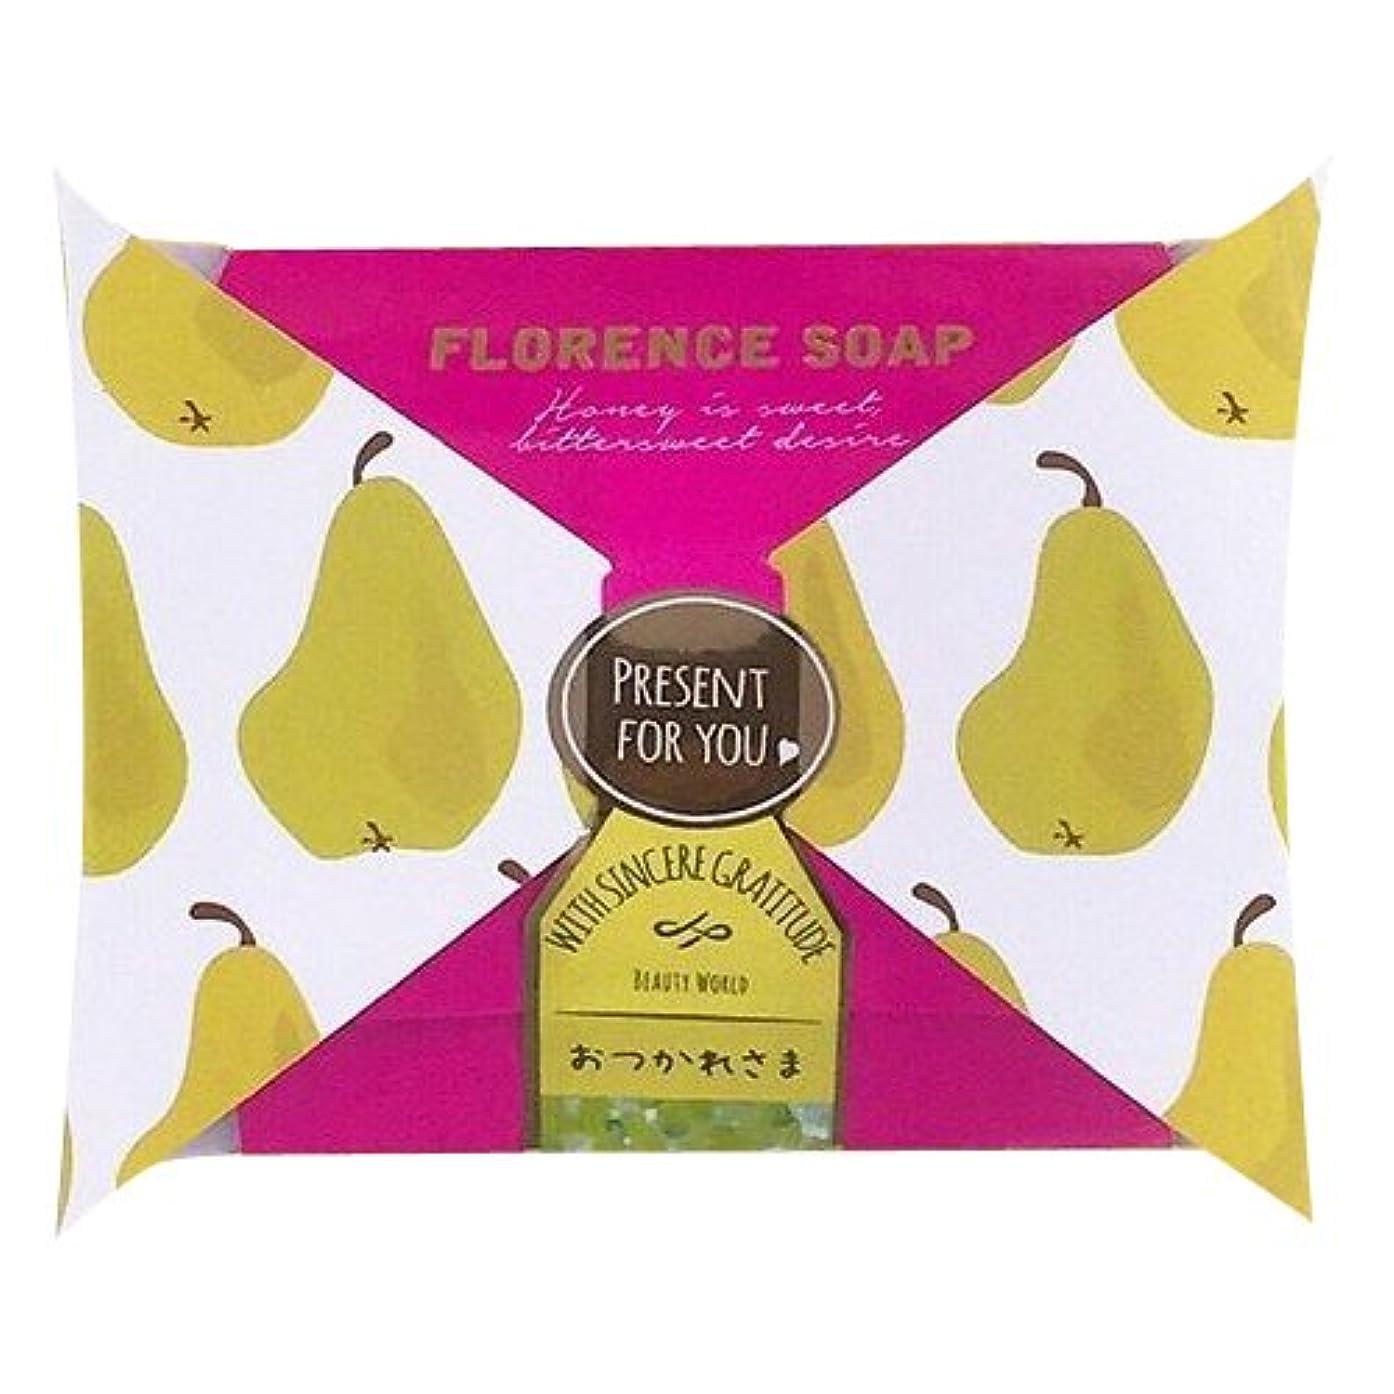 獣ガラス養うBW フローレンスの香り石けん リボンパッケージ FSP386 密の甘く切ない願い (35g)